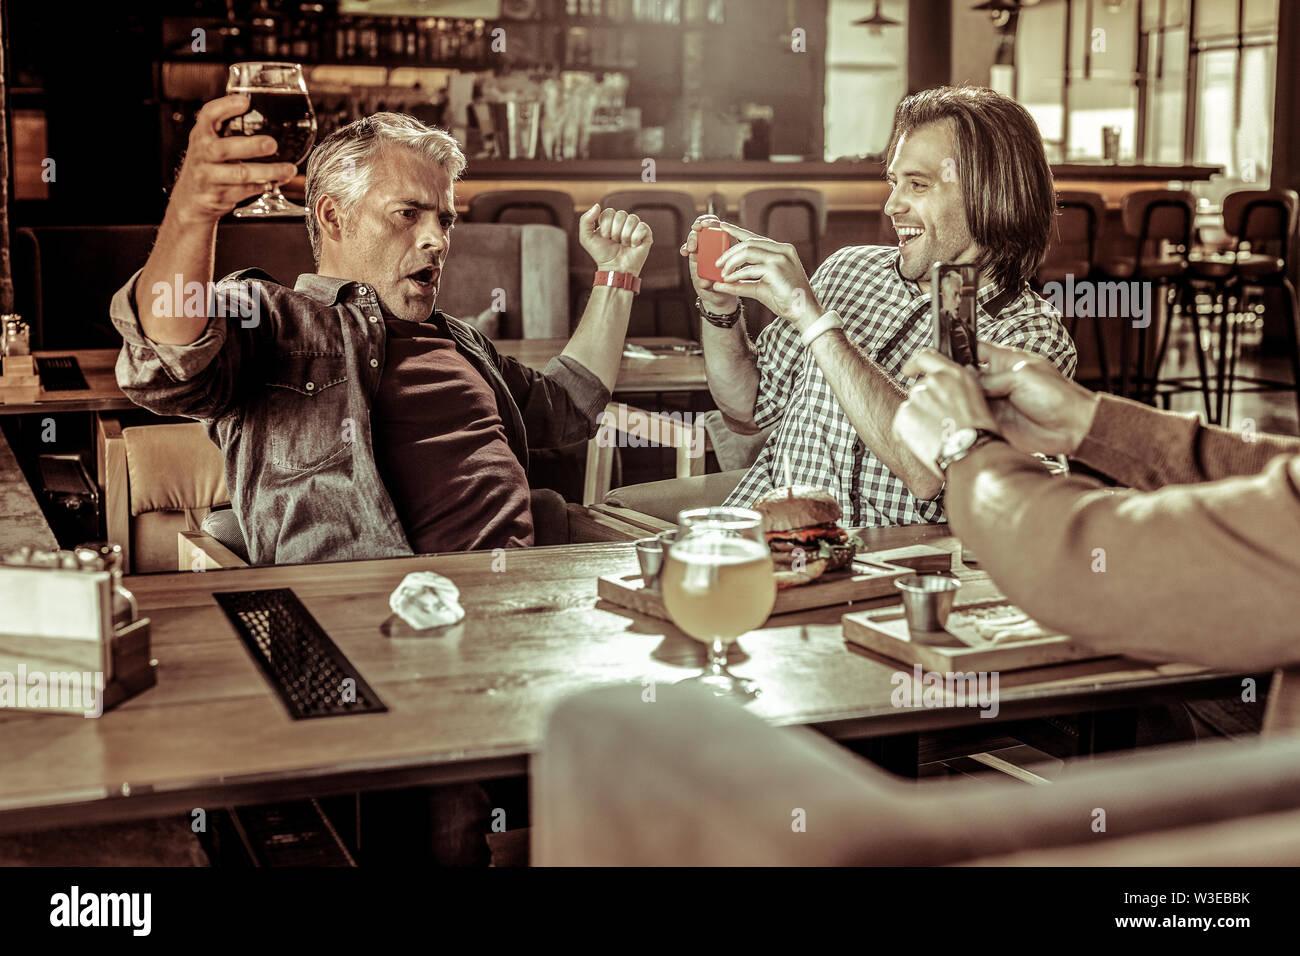 Personne de sexe masculin émotionnel démontrant sa mauvaise humeur Photo Stock